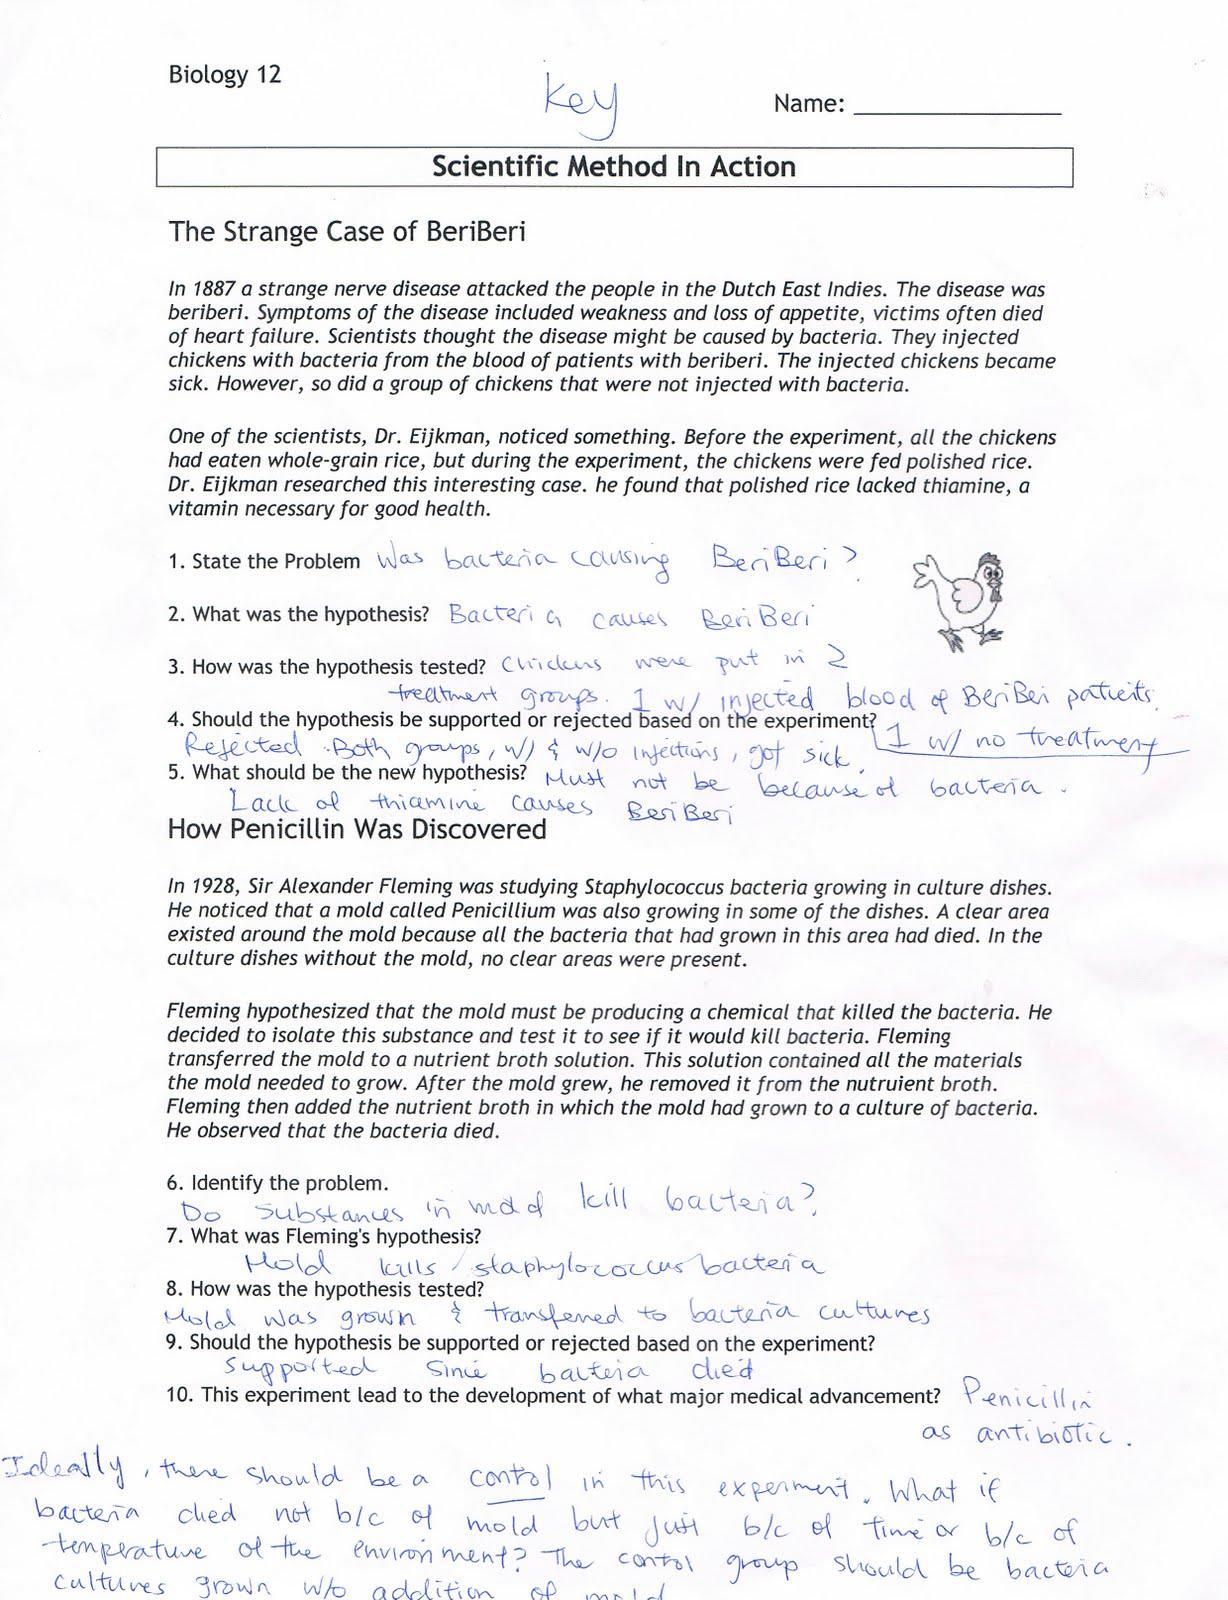 Printables Mythbusters Scientific Method Worksheet applying scientific methods worksheet template worksheet